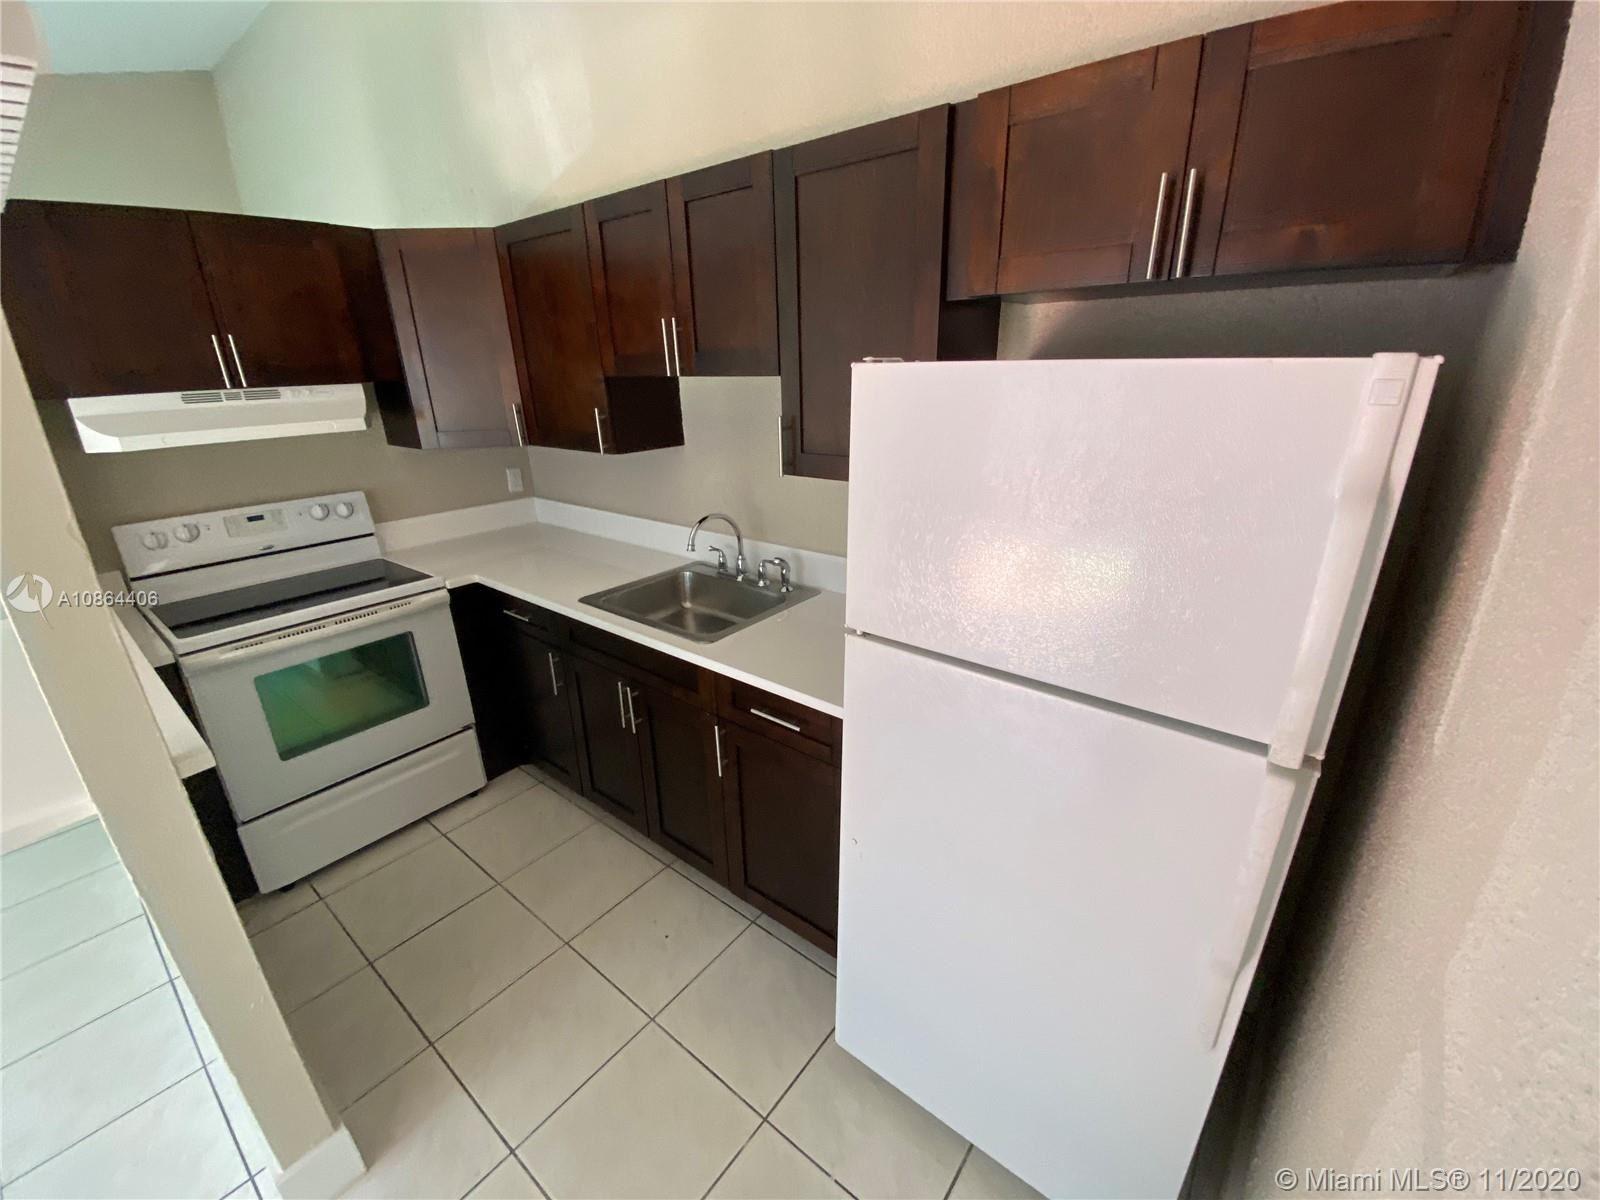 4608 NW xx, Miami Gardens, FL 33055 - #: A10864406